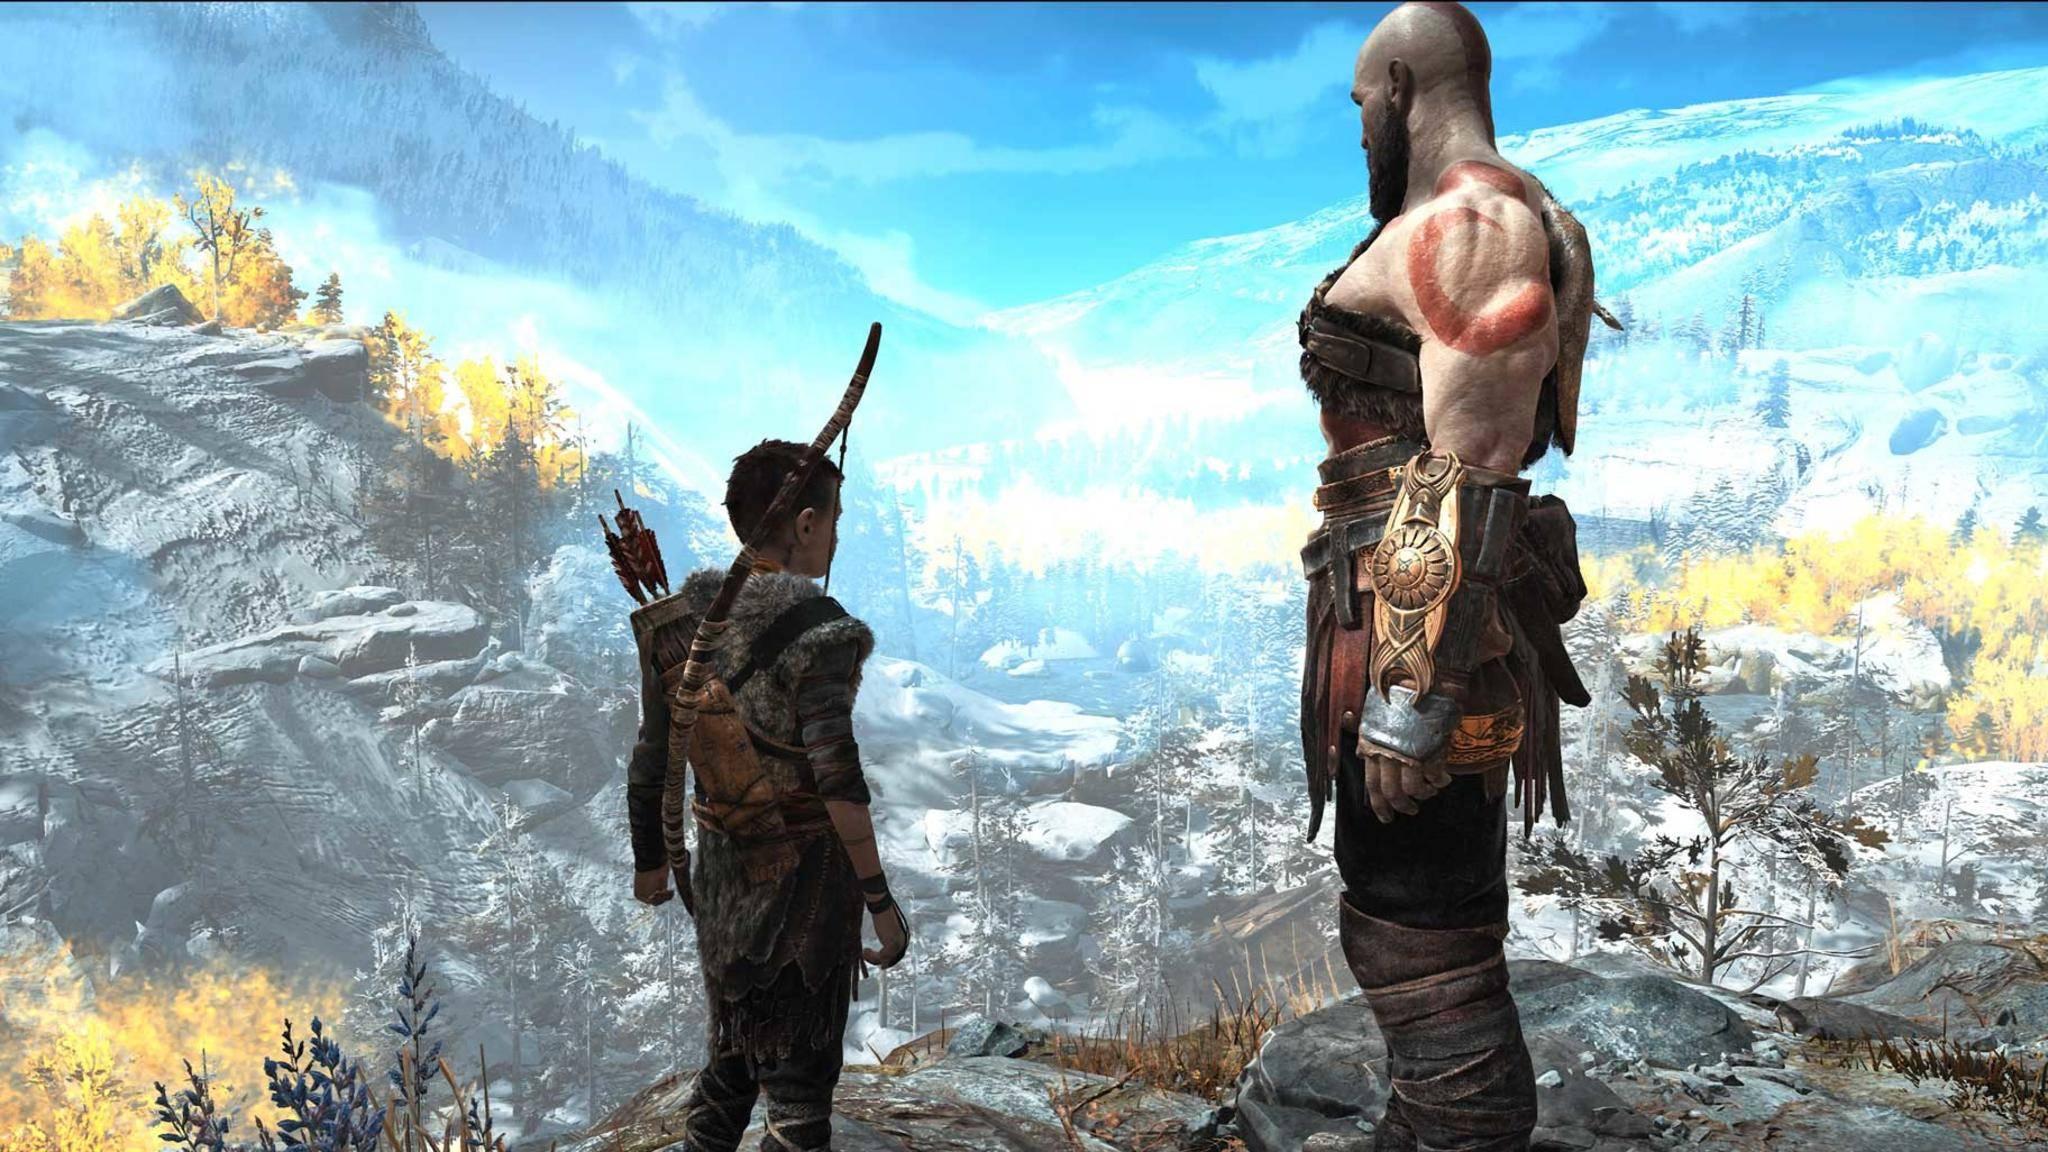 Kratos und Atreus ziehen noch einmal in den Kampf – aber bis dahin dauert es wohl noch etwas.